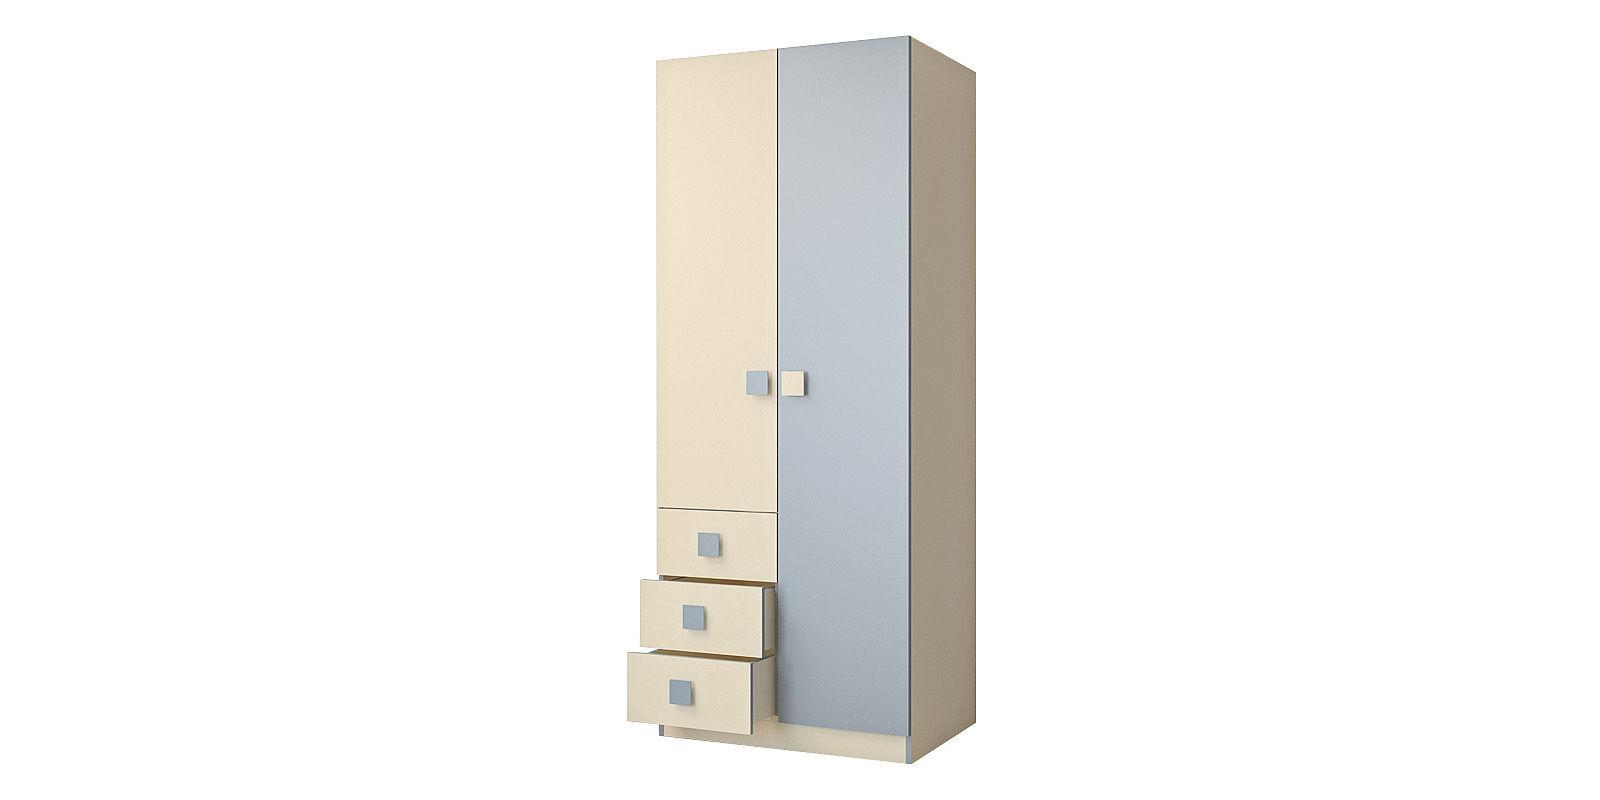 Шкаф распашной двухдверный Нова (бежевый/голубой)